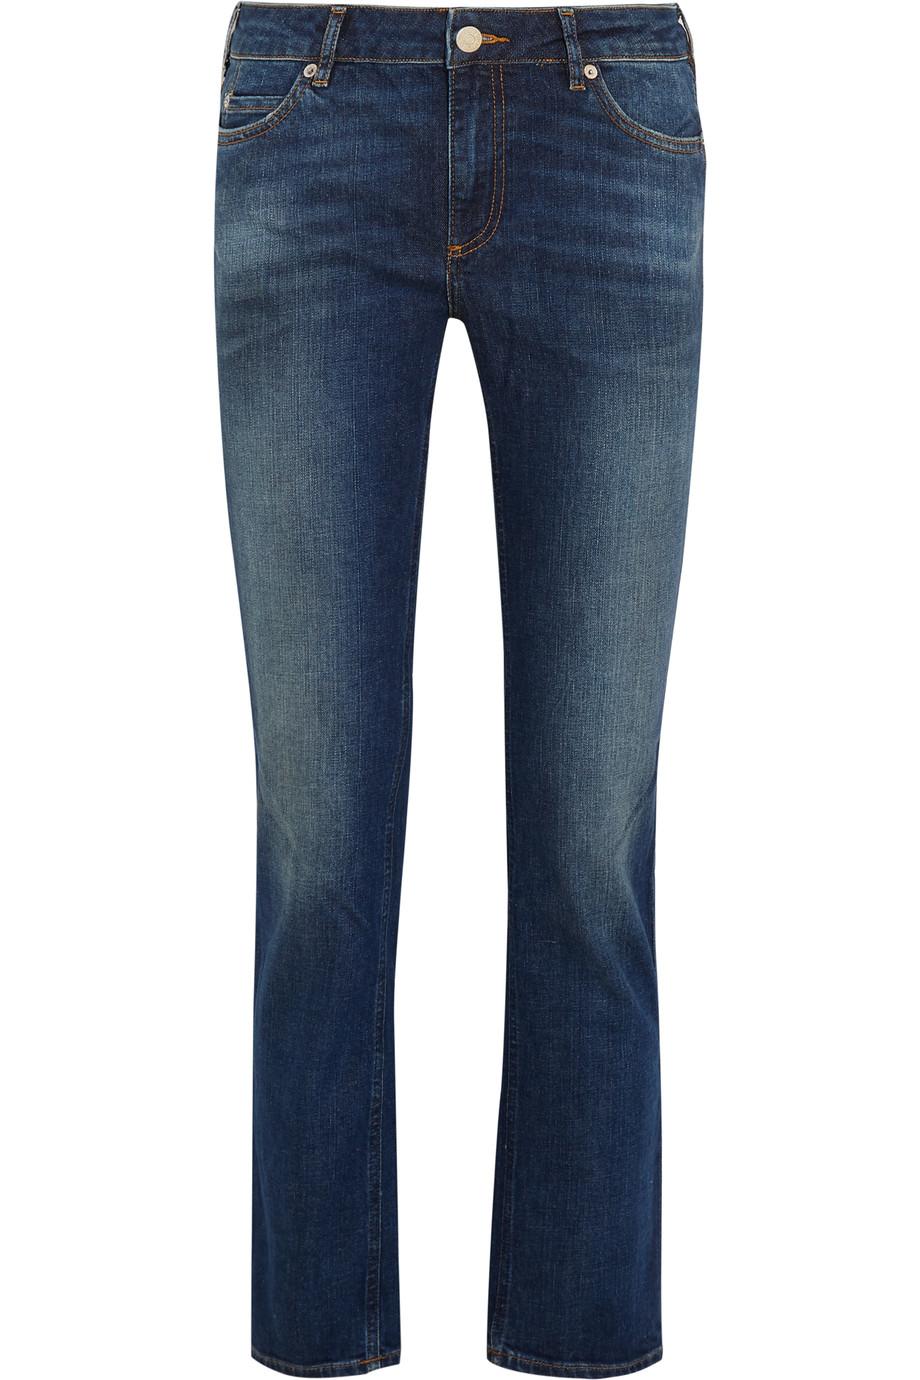 Womens Levis 505 Jeans